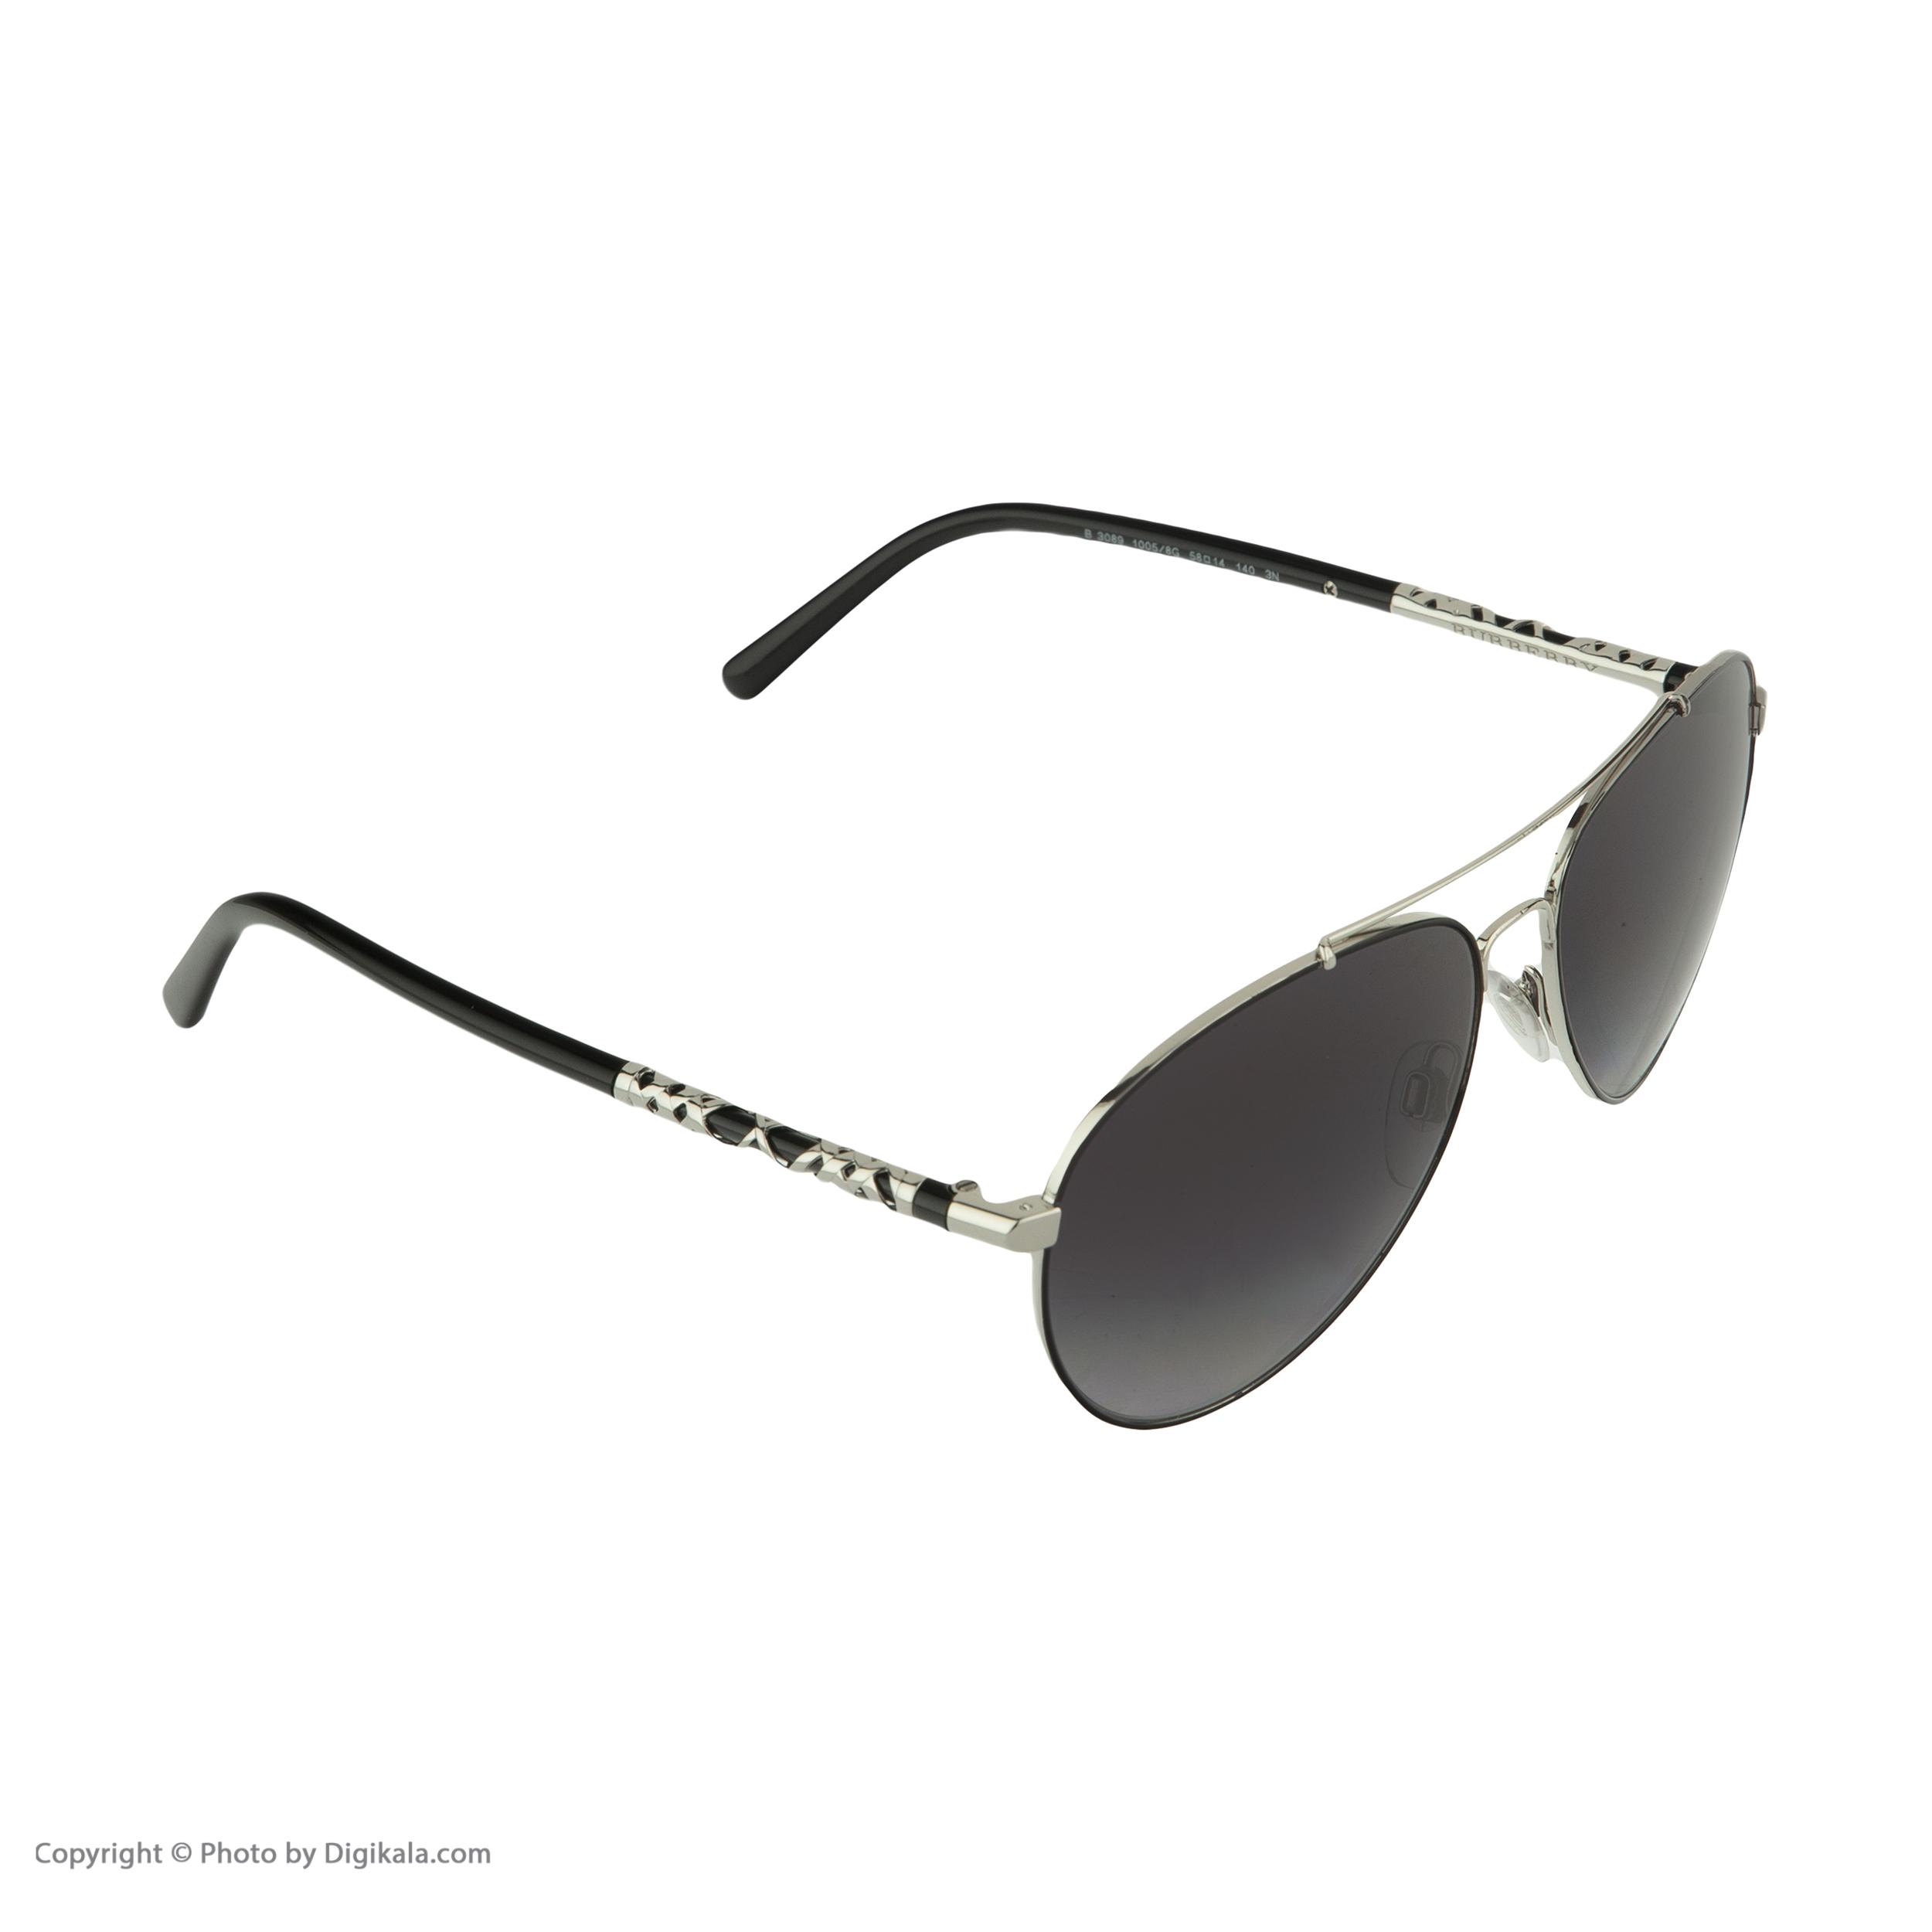 عینک آفتابی زنانه بربری مدل BE 3089S 10058G 58 -  - 4